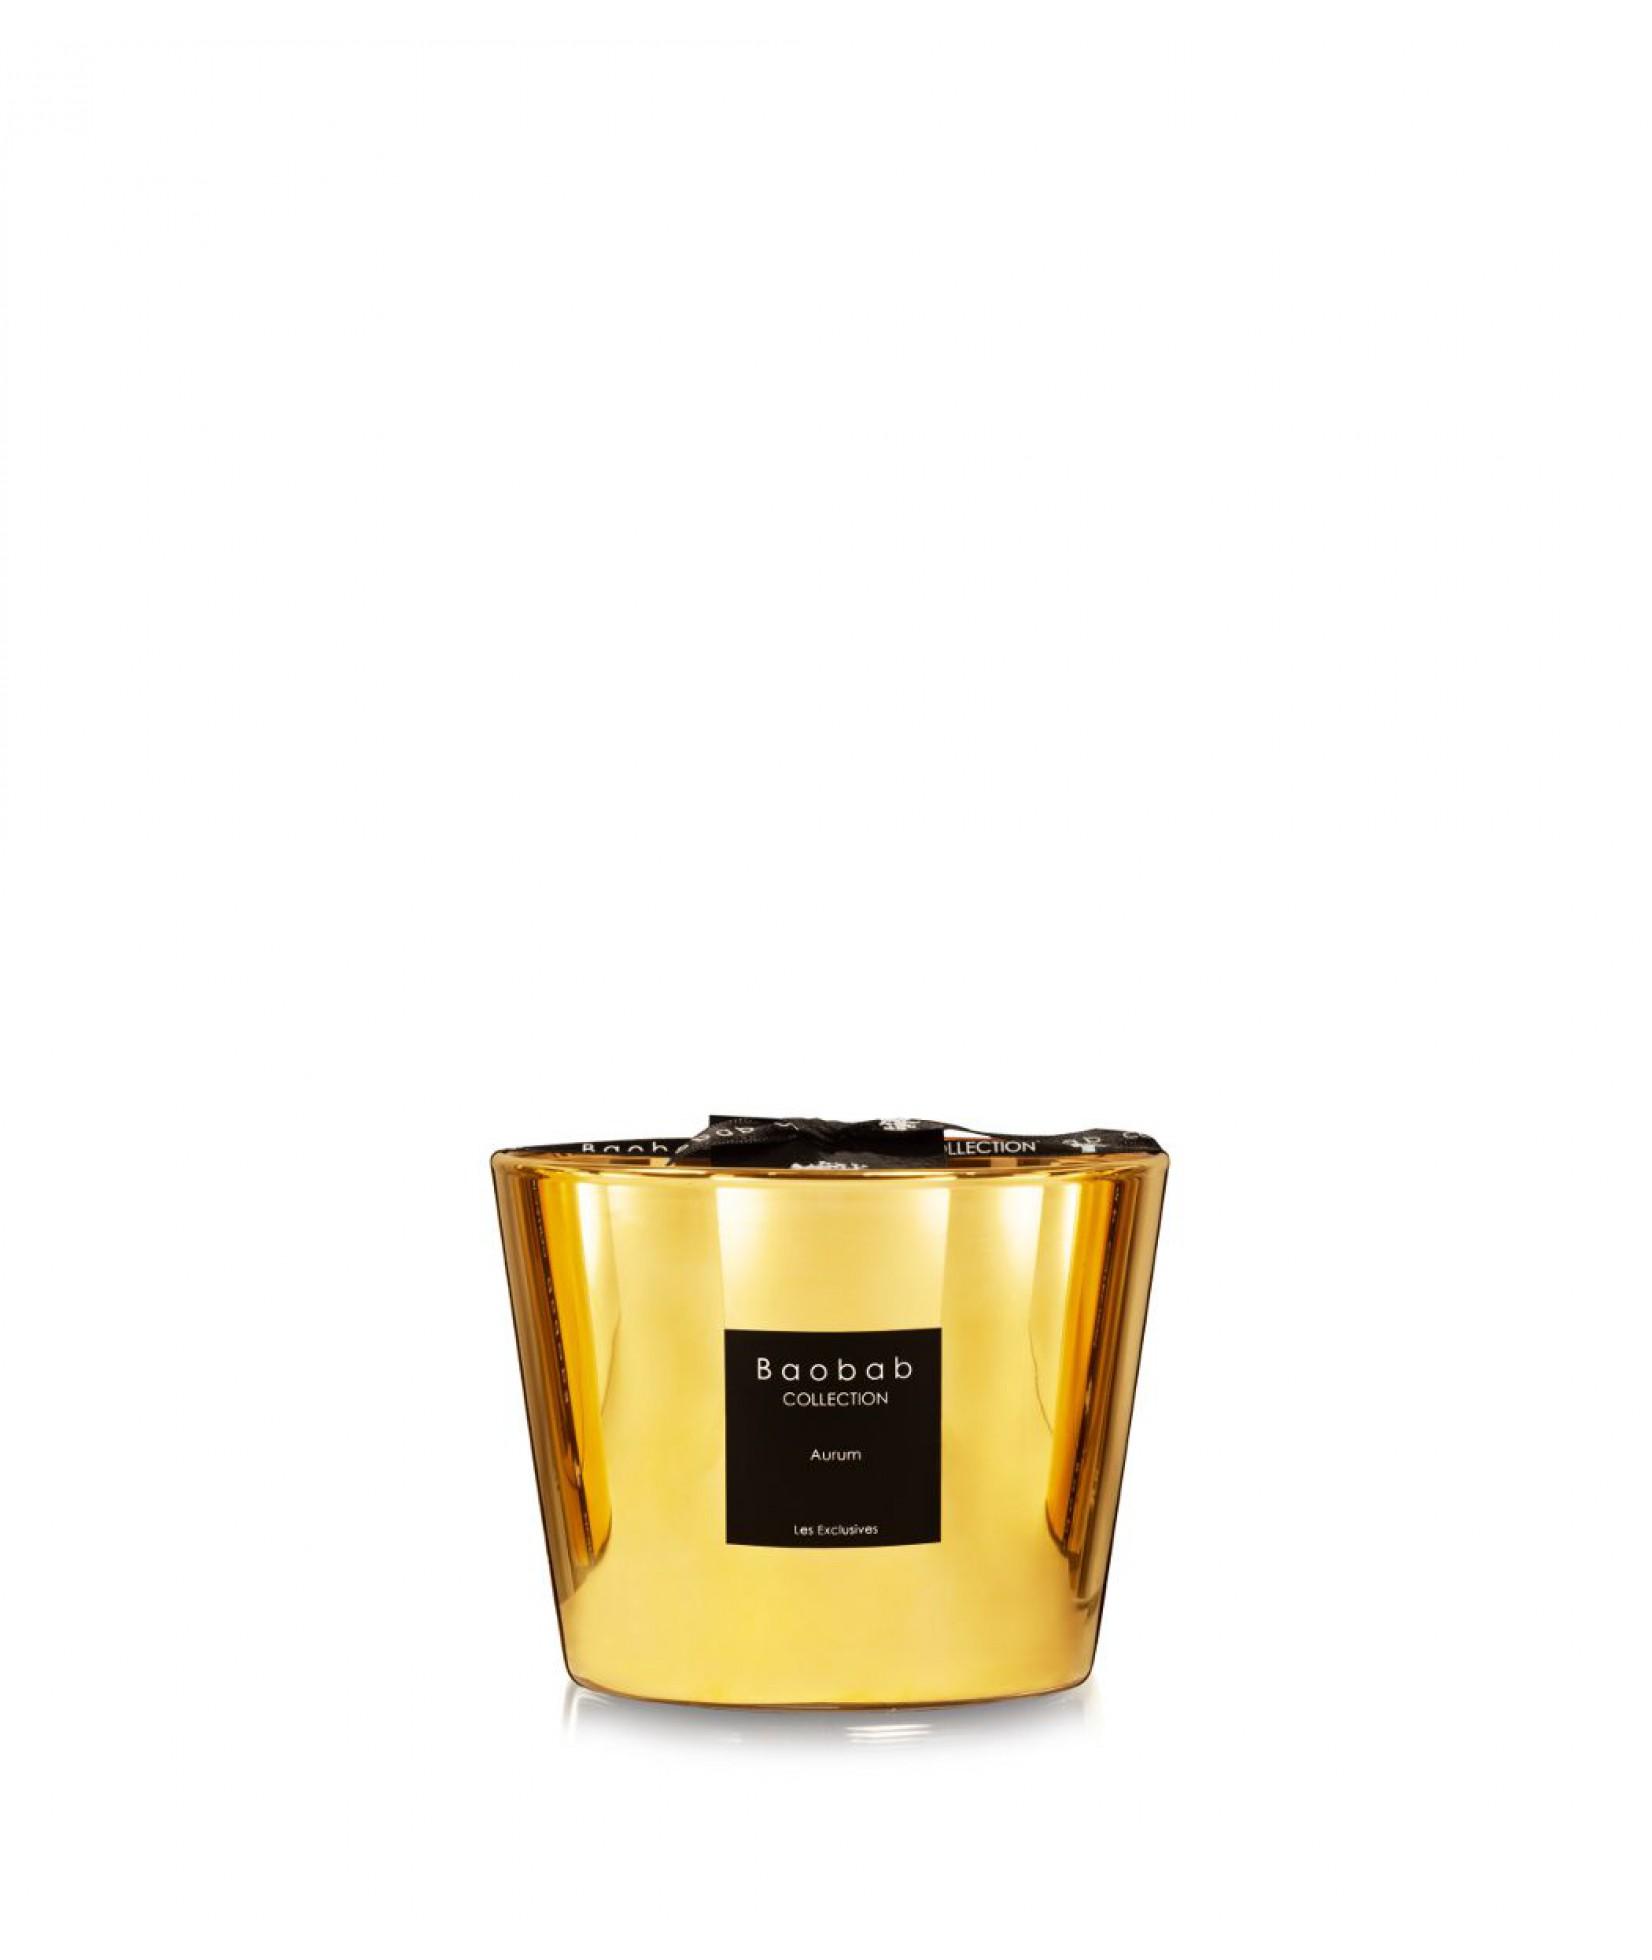 Baobap Scented Candle Aurum (Medium)